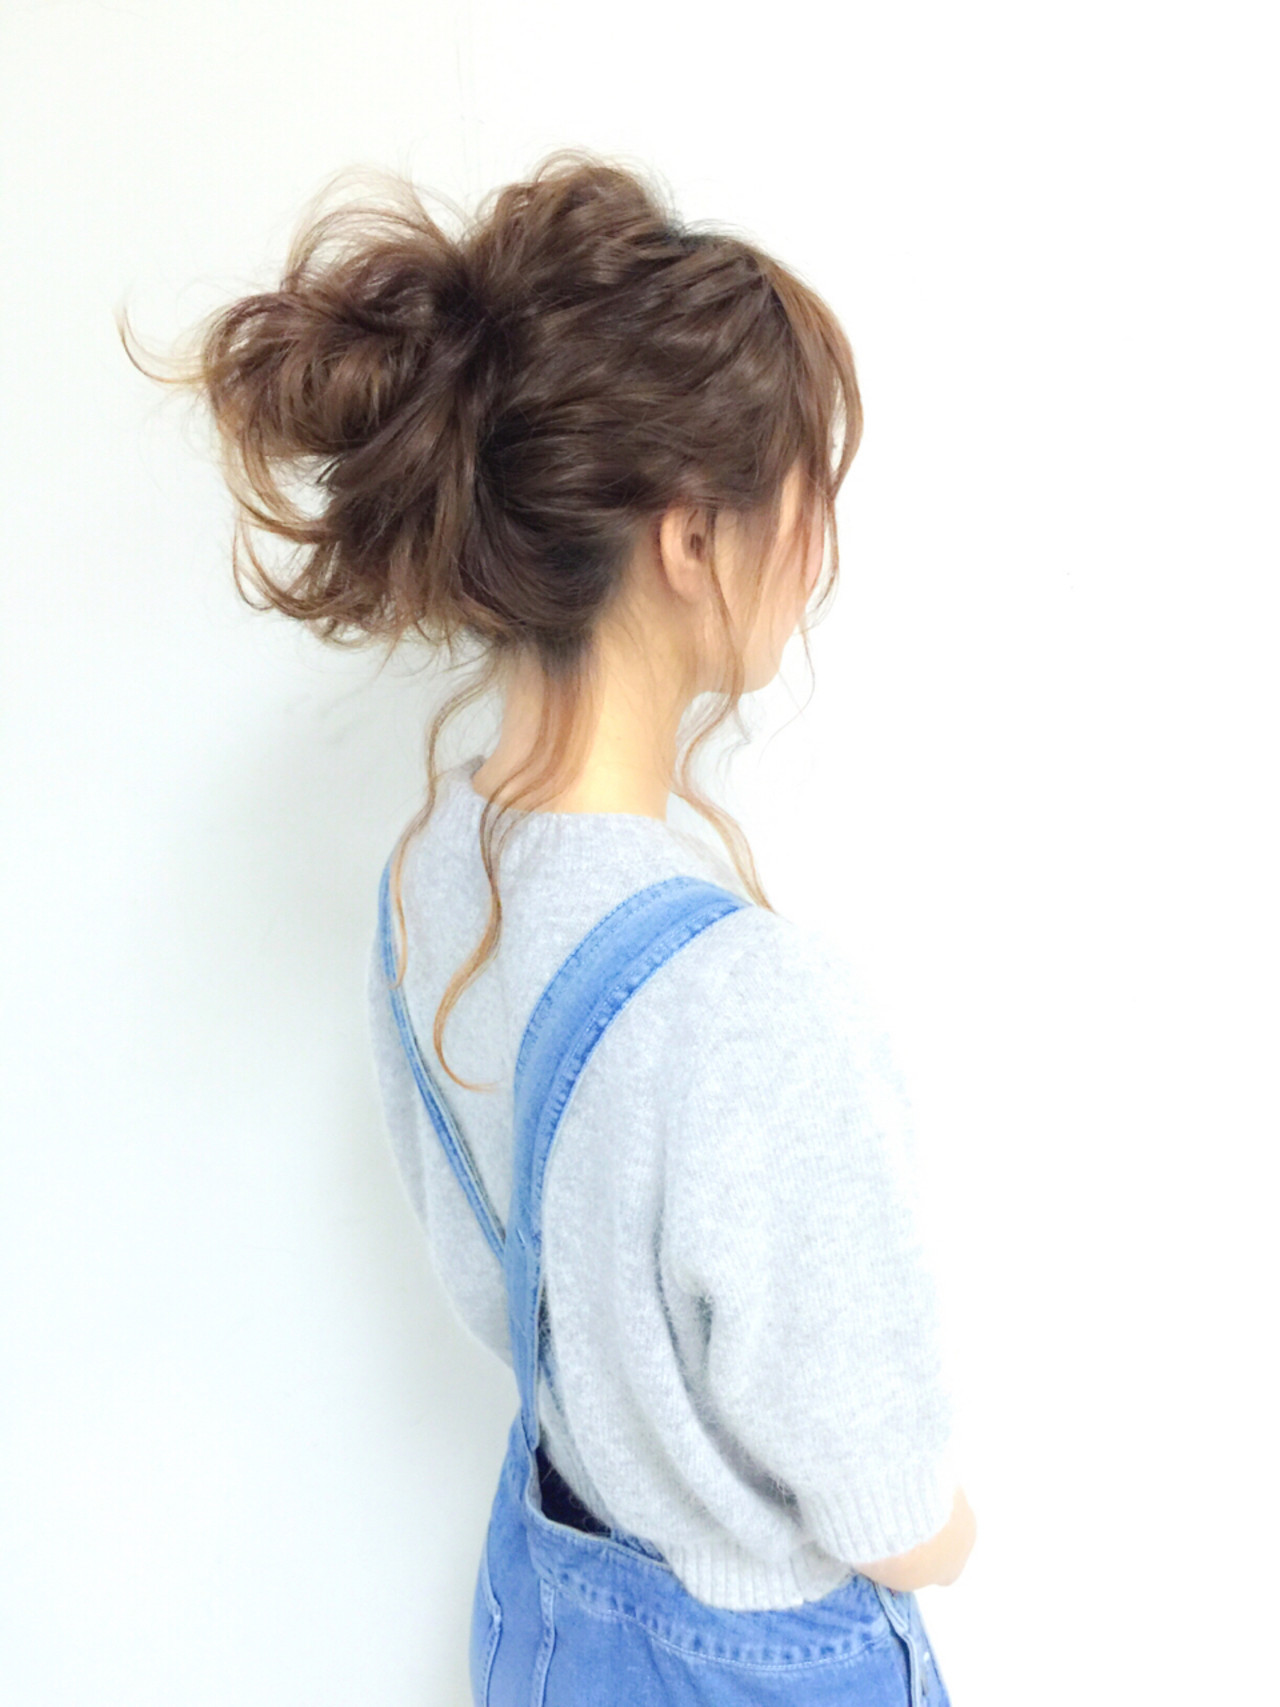 簡単ヘアアレンジ セミロング ゆるふわ ふわふわ ヘアスタイルや髪型の写真・画像